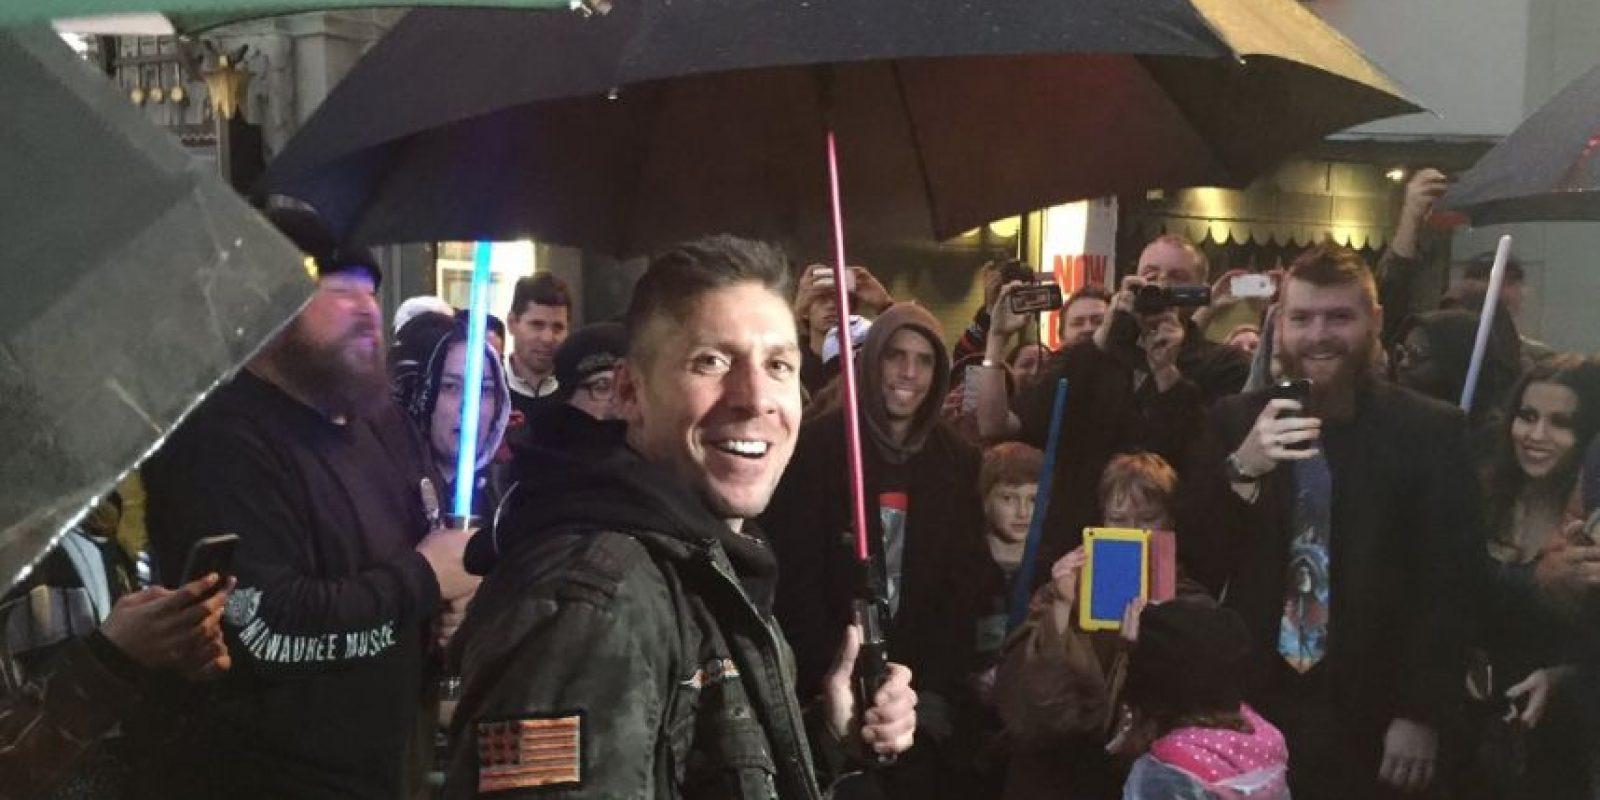 """Y así se le vio ad portas de la última entrega de """"Star Wars"""". Foto:vía Facebook"""